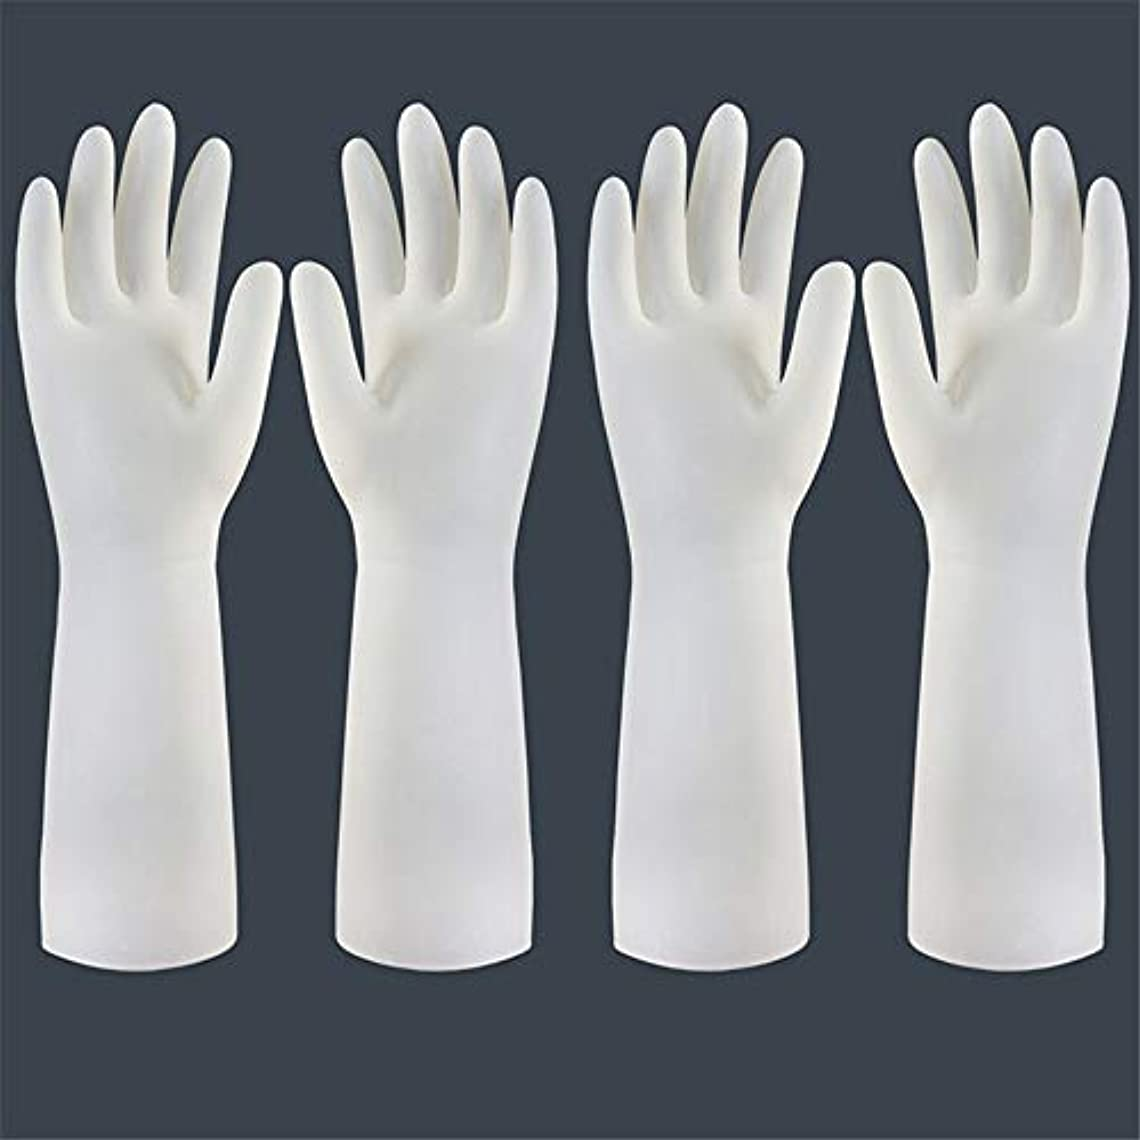 知る出発汗使い捨て手袋 使い捨て手袋の防水および耐久のゴム製台所手袋、小/中/大 ニトリルゴム手袋 (Color : Long-2 pair, Size : S)